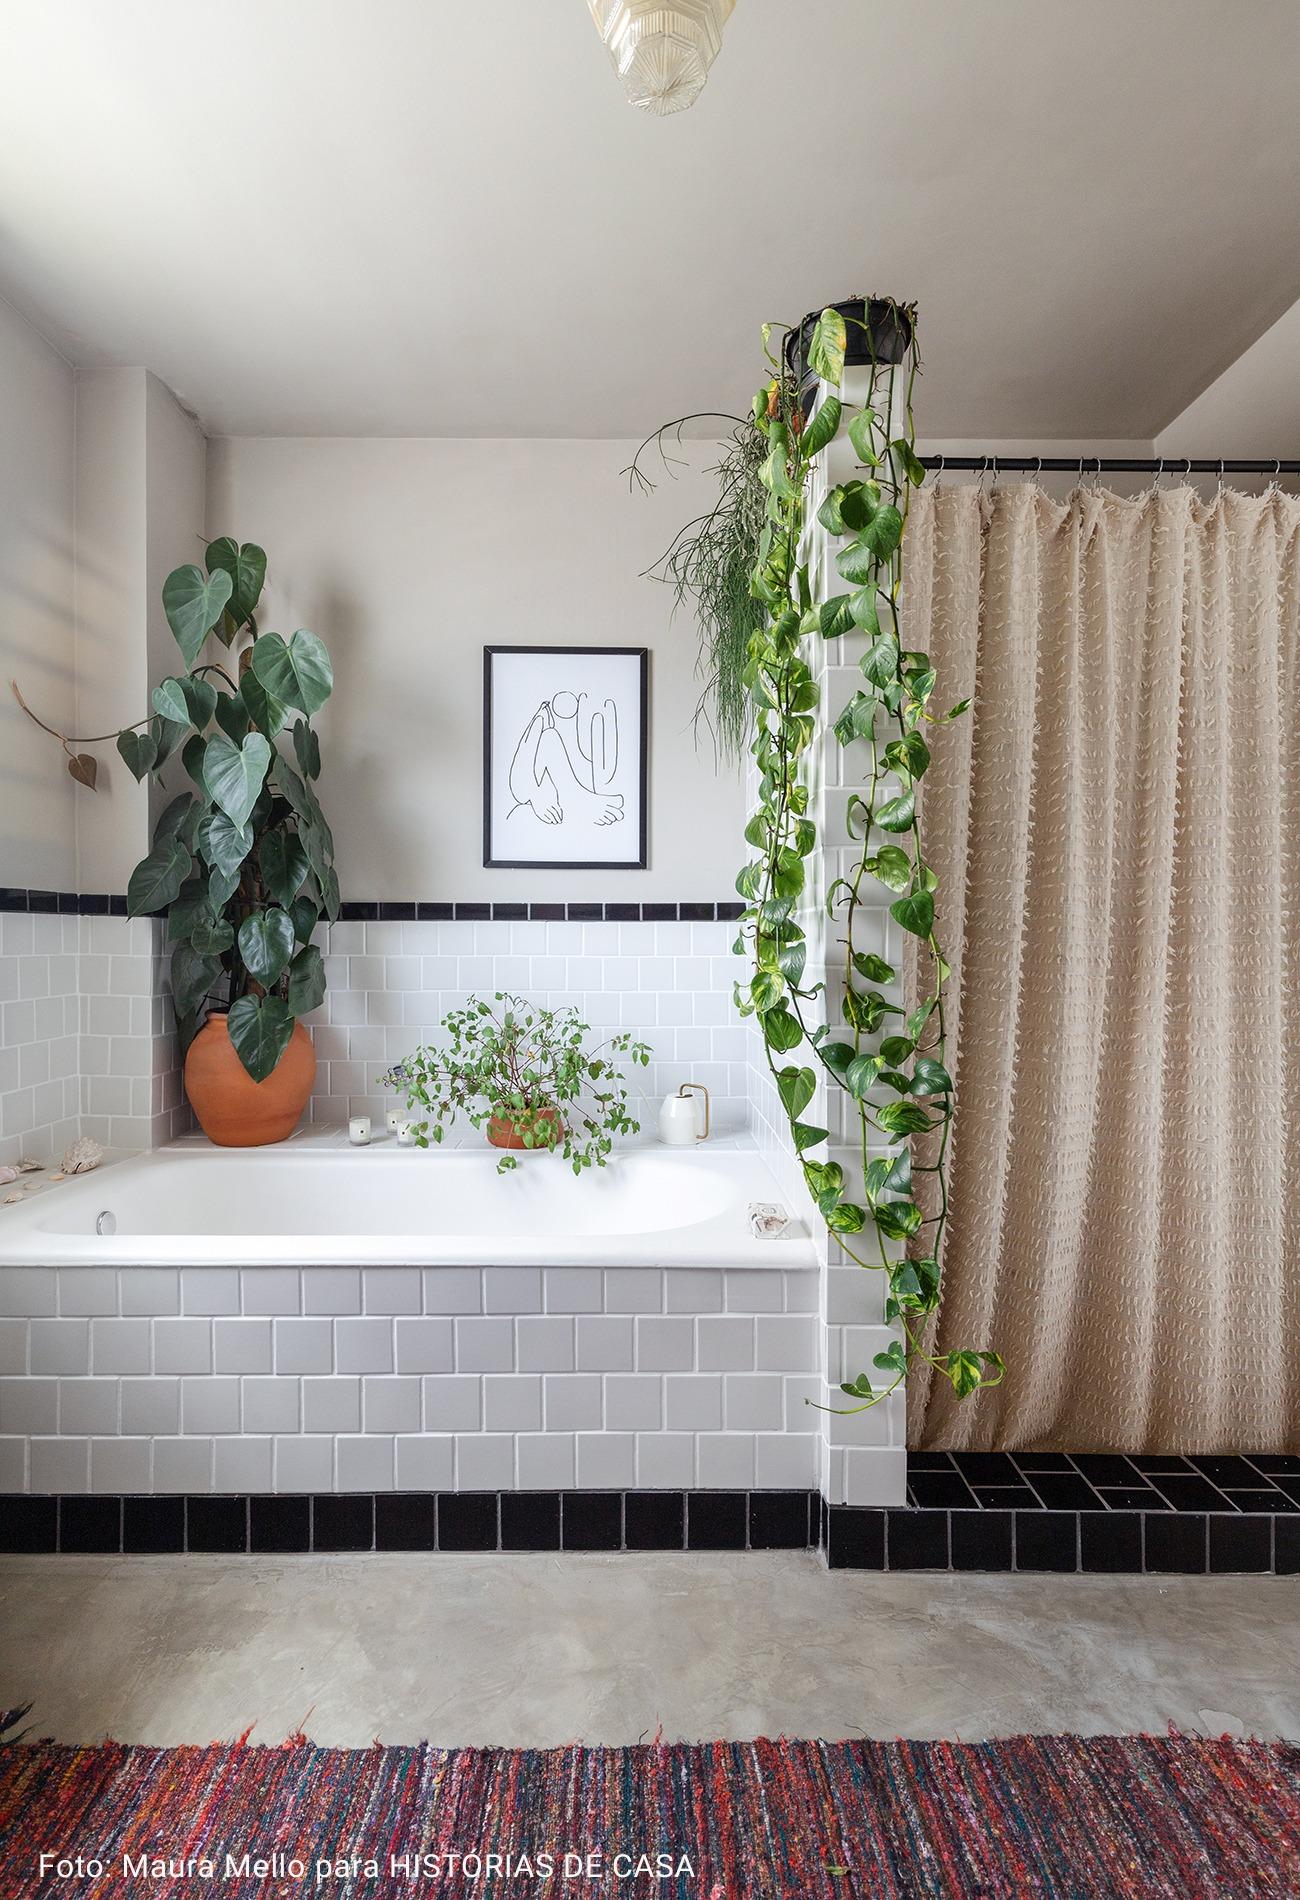 banheiro com cortina felpuda